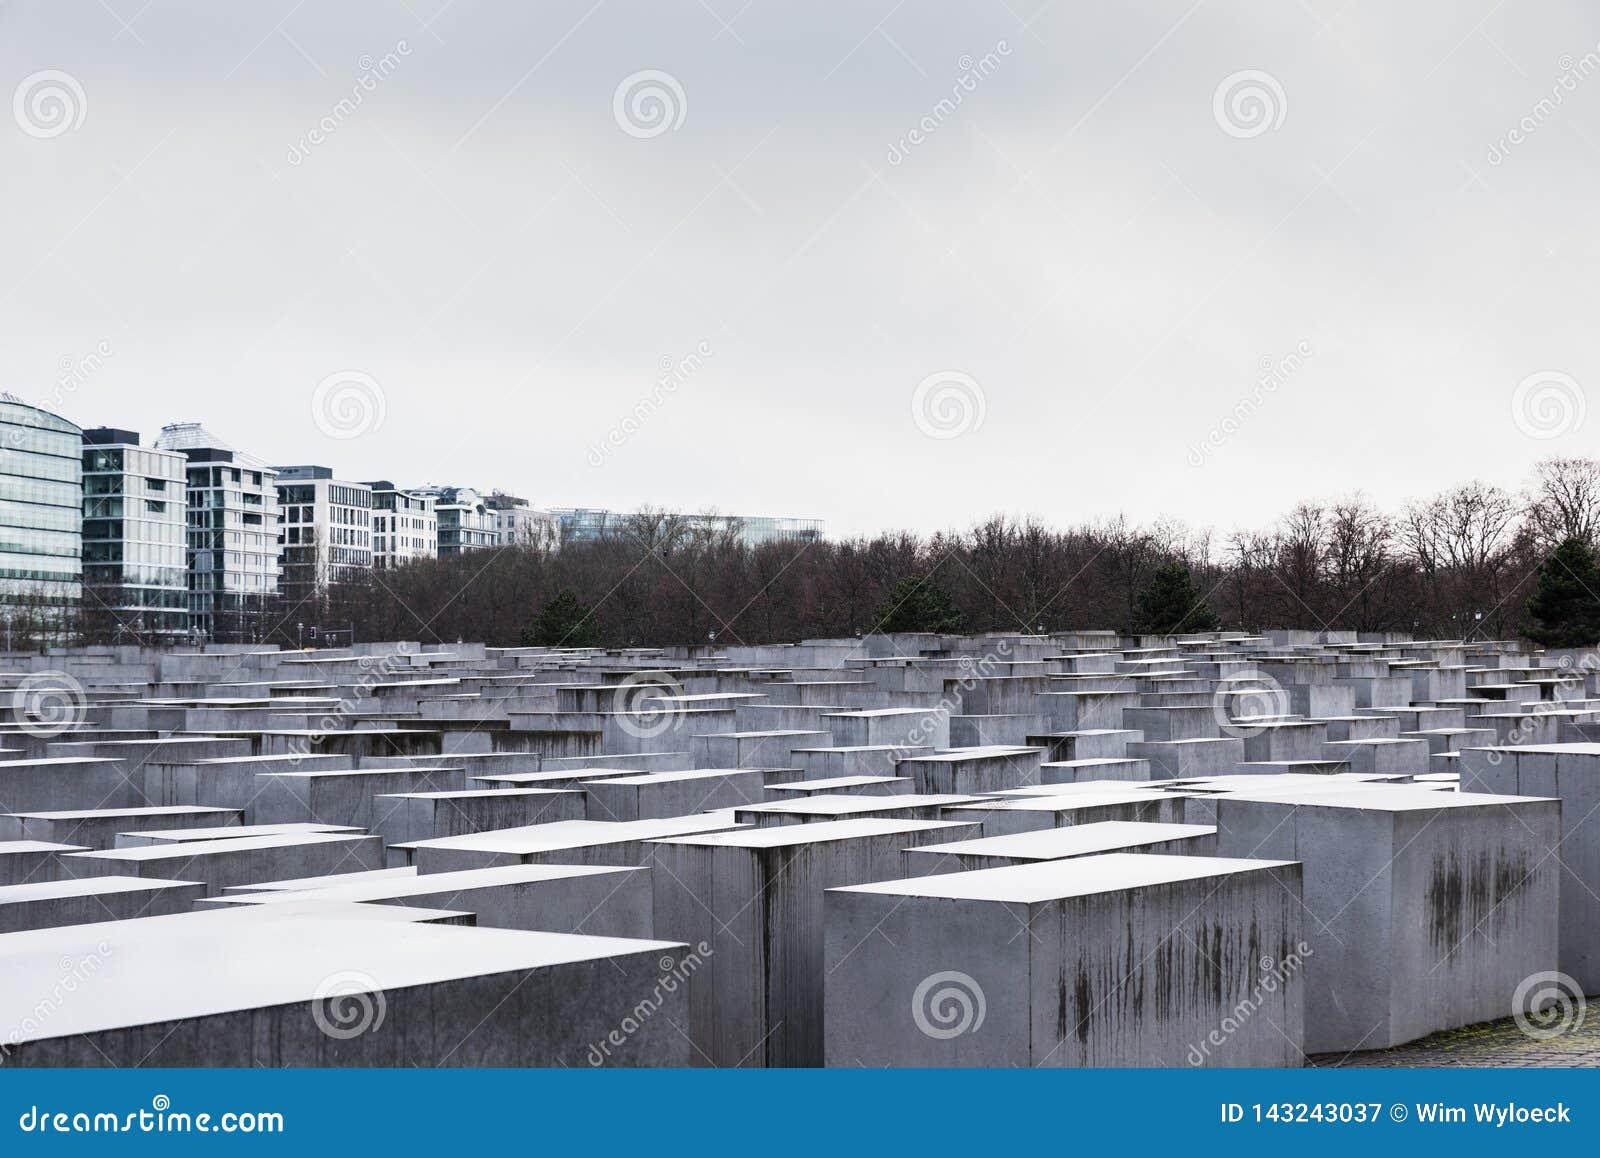 Monumento del holocausto a los judíos asesinados de Europa, Berlín, Alemania